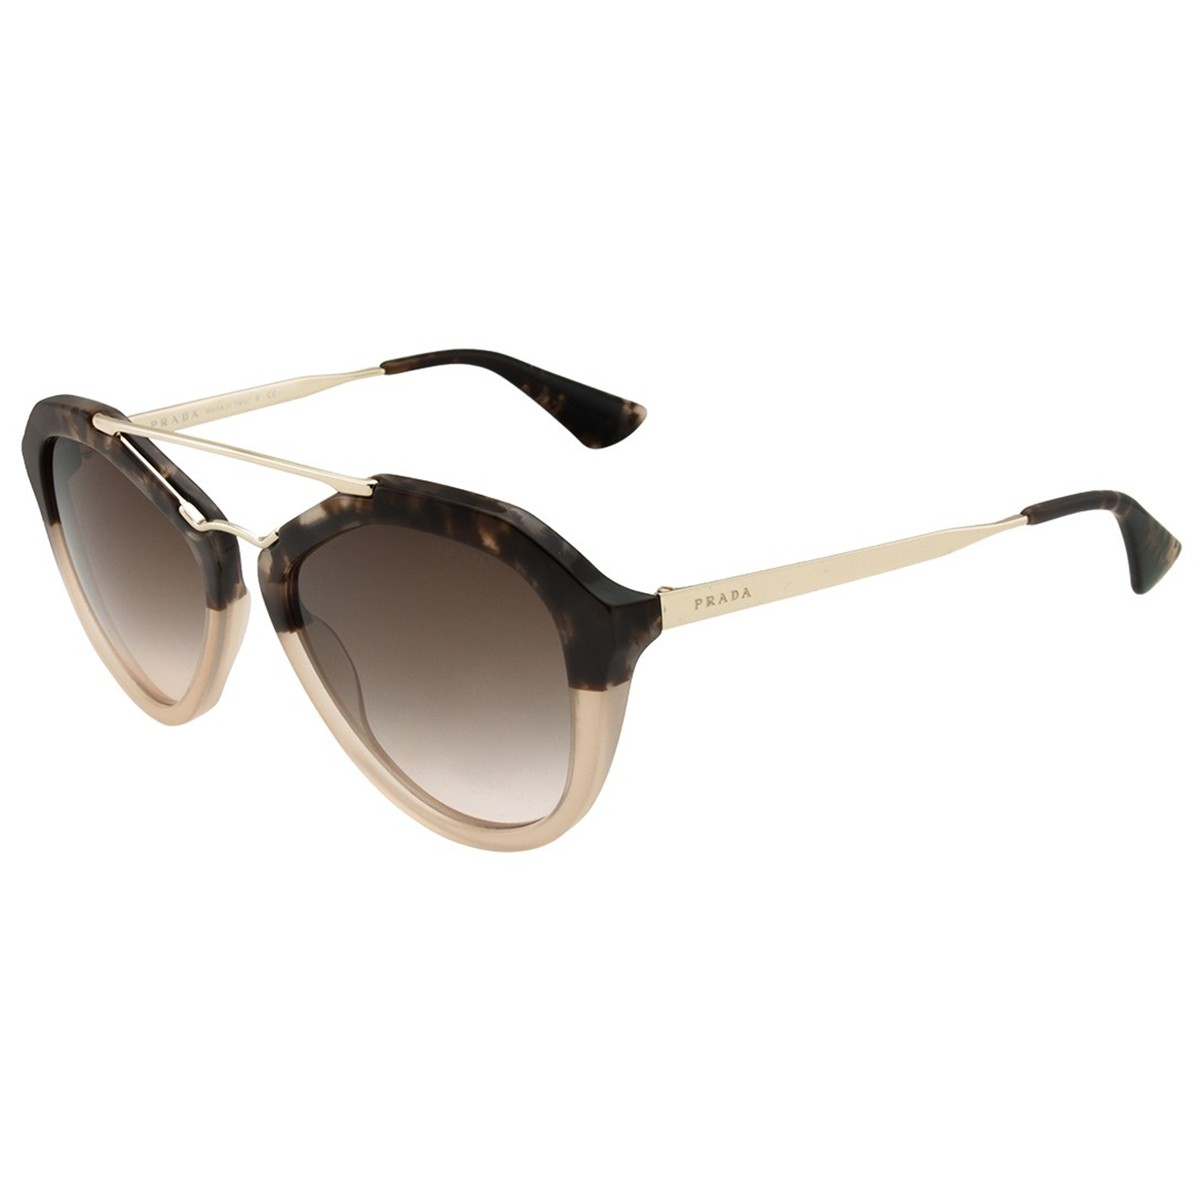 10396fa7587fd Compre Óculos de Sol Prada em 10X